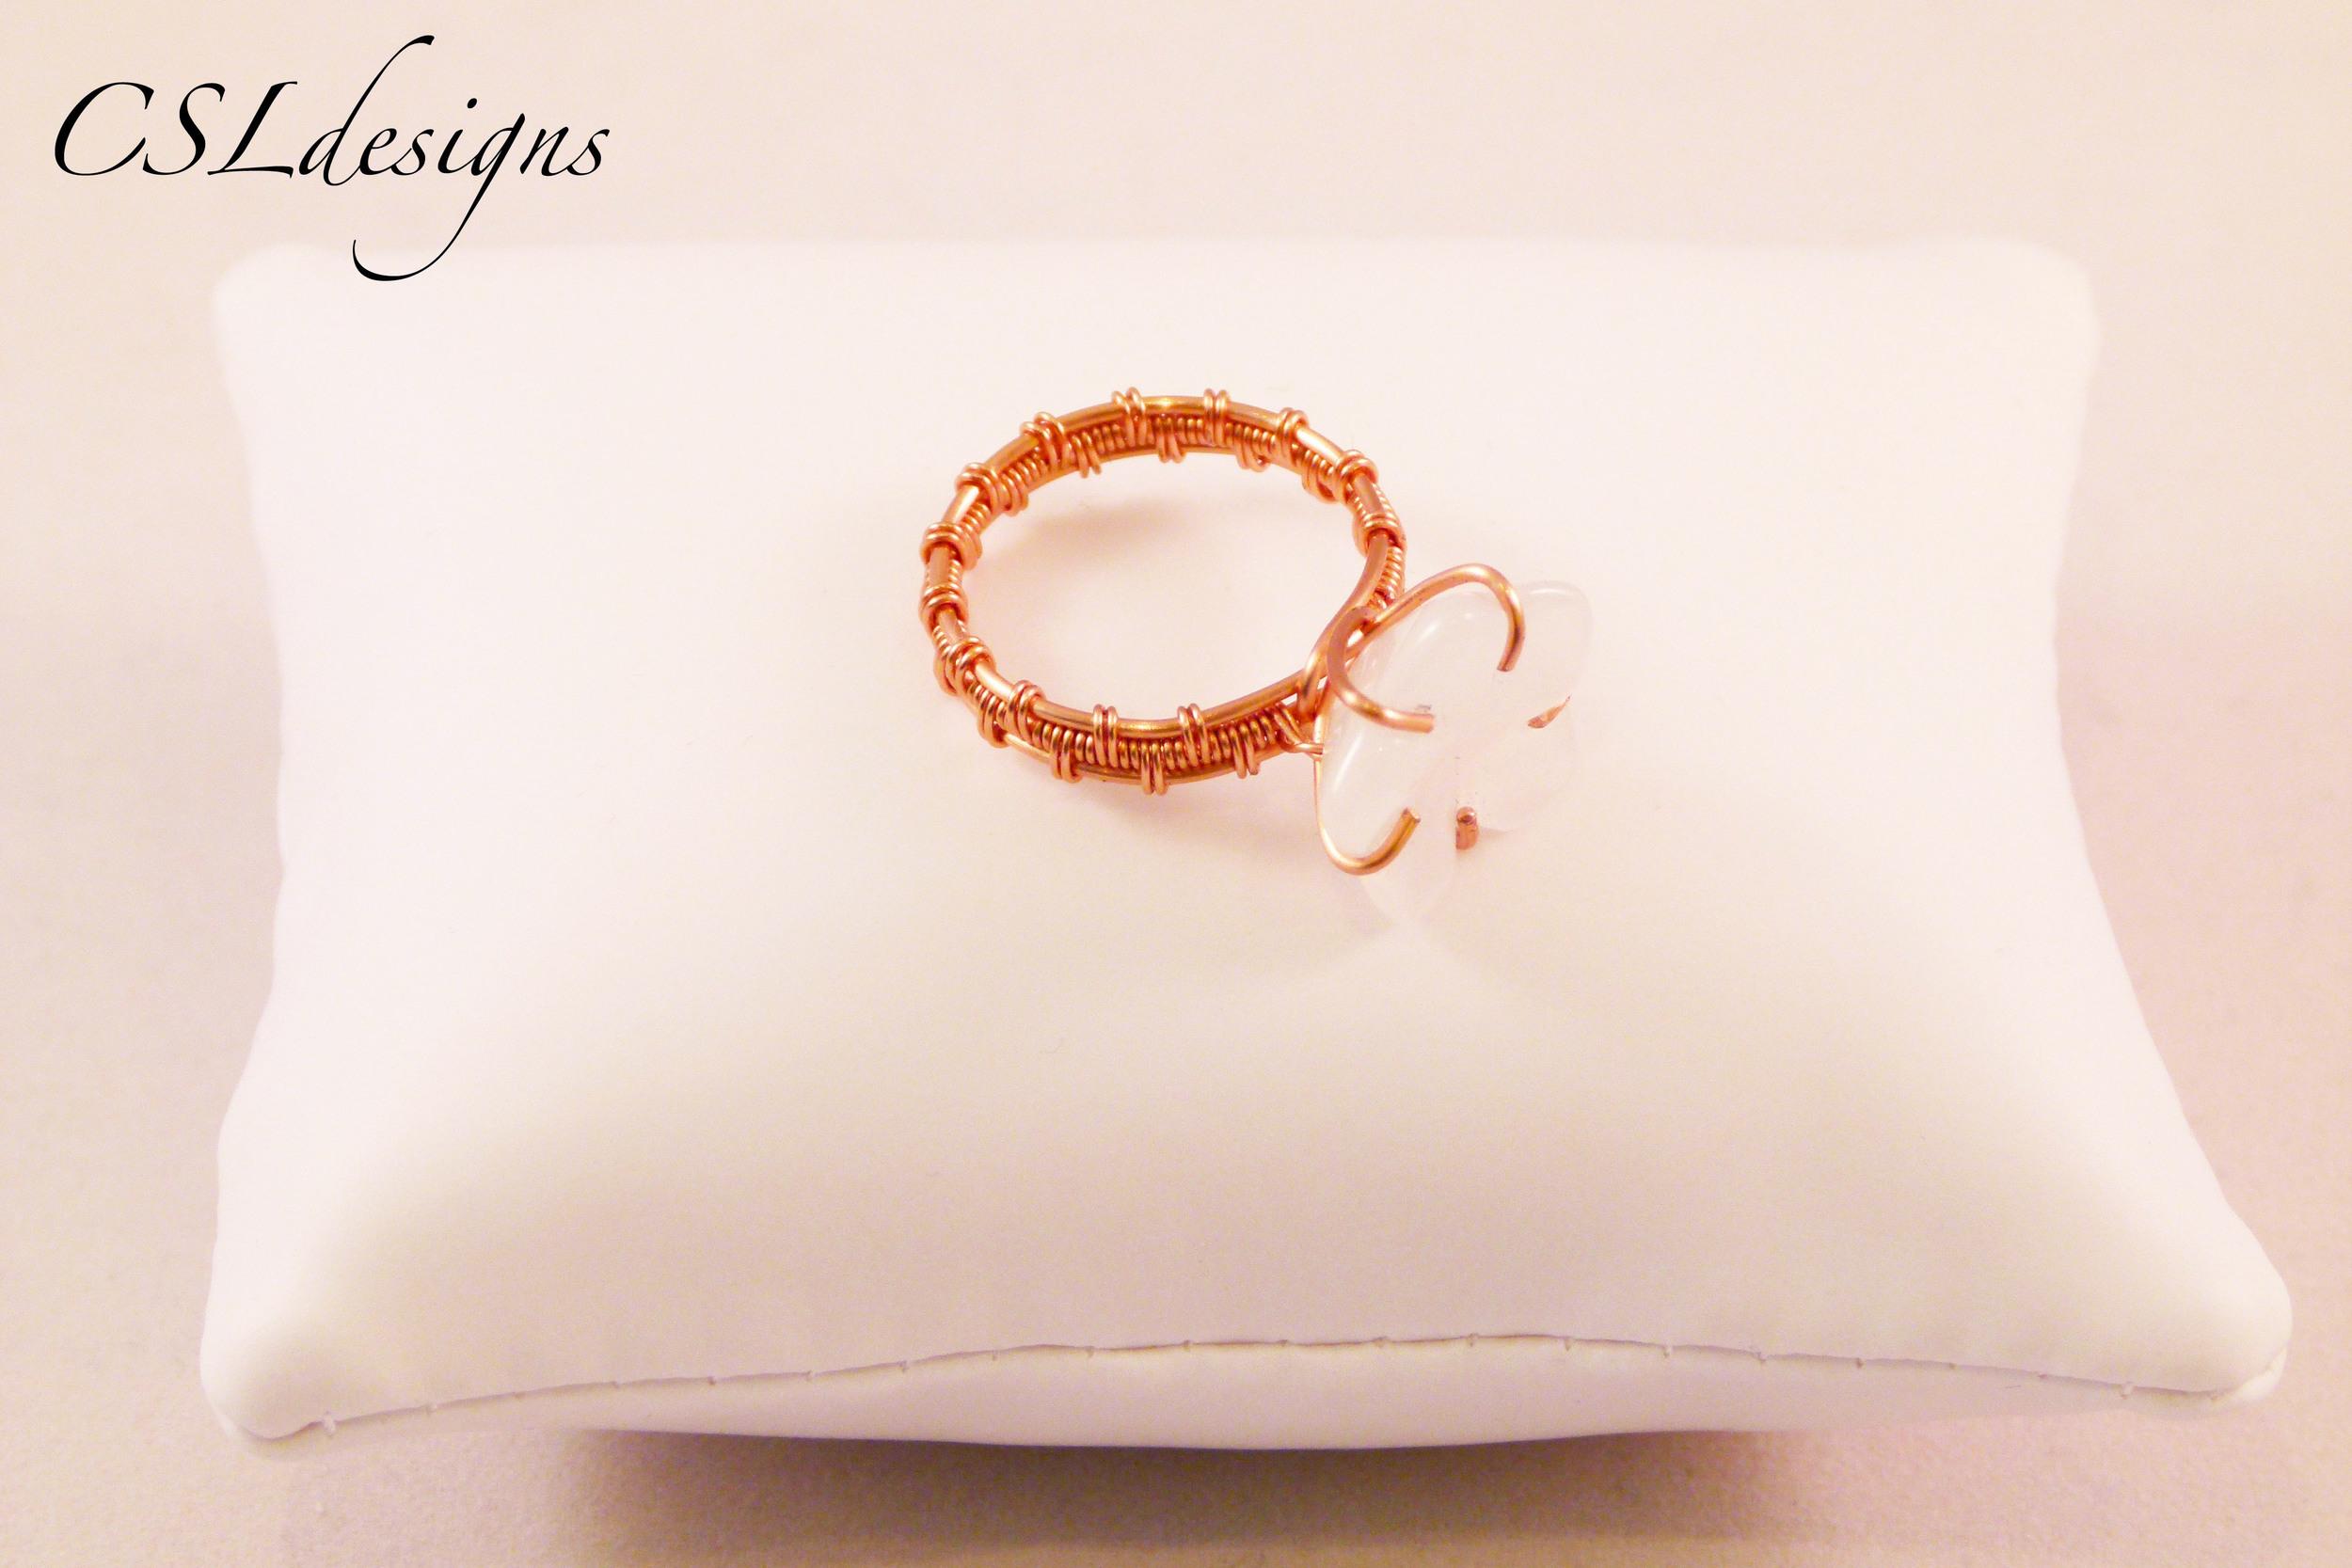 Copper wirewirk flower ring side pillow.jpg